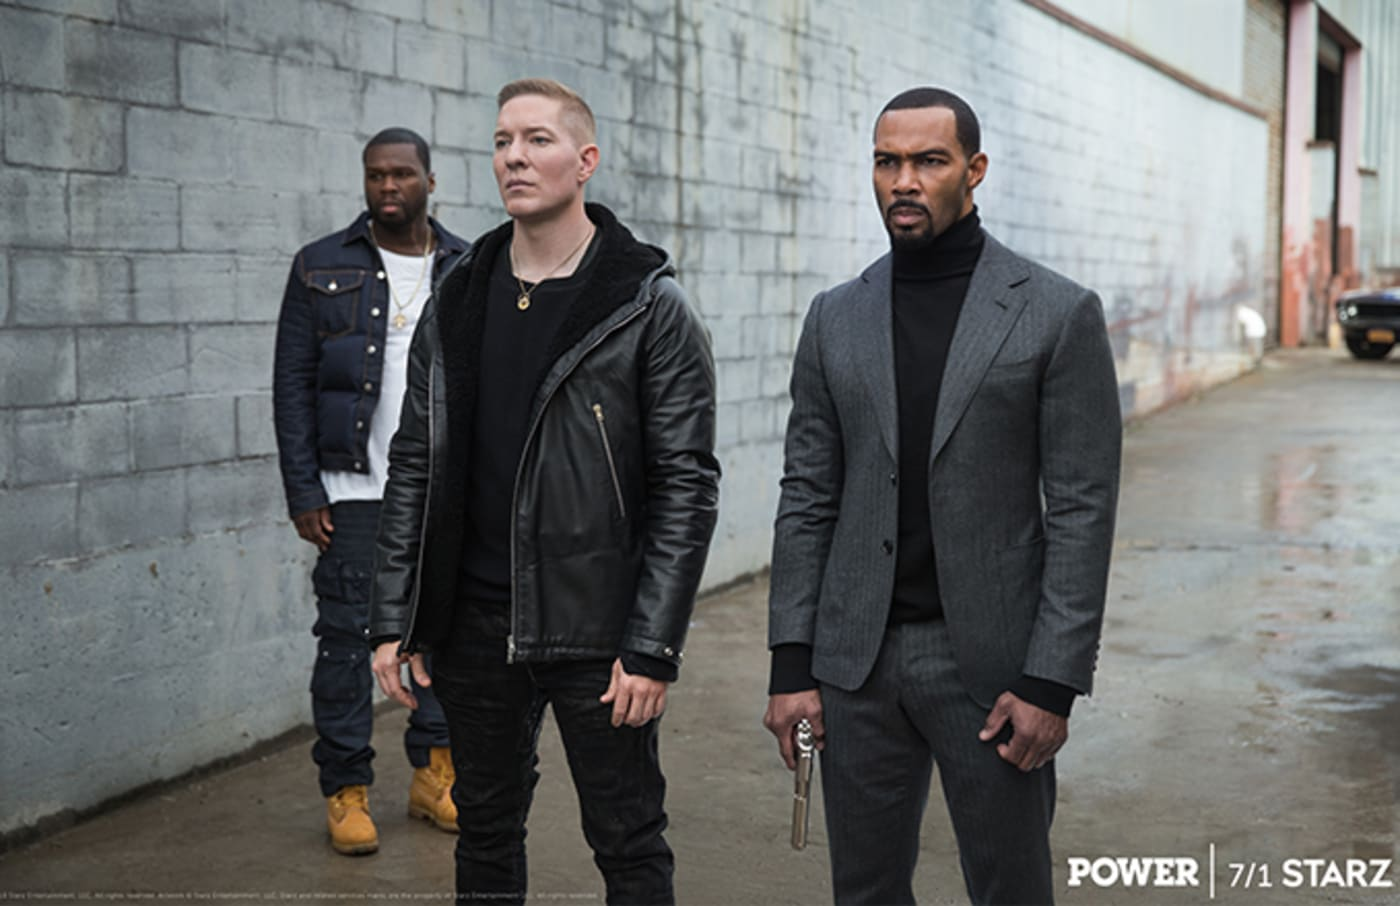 promo power season 5